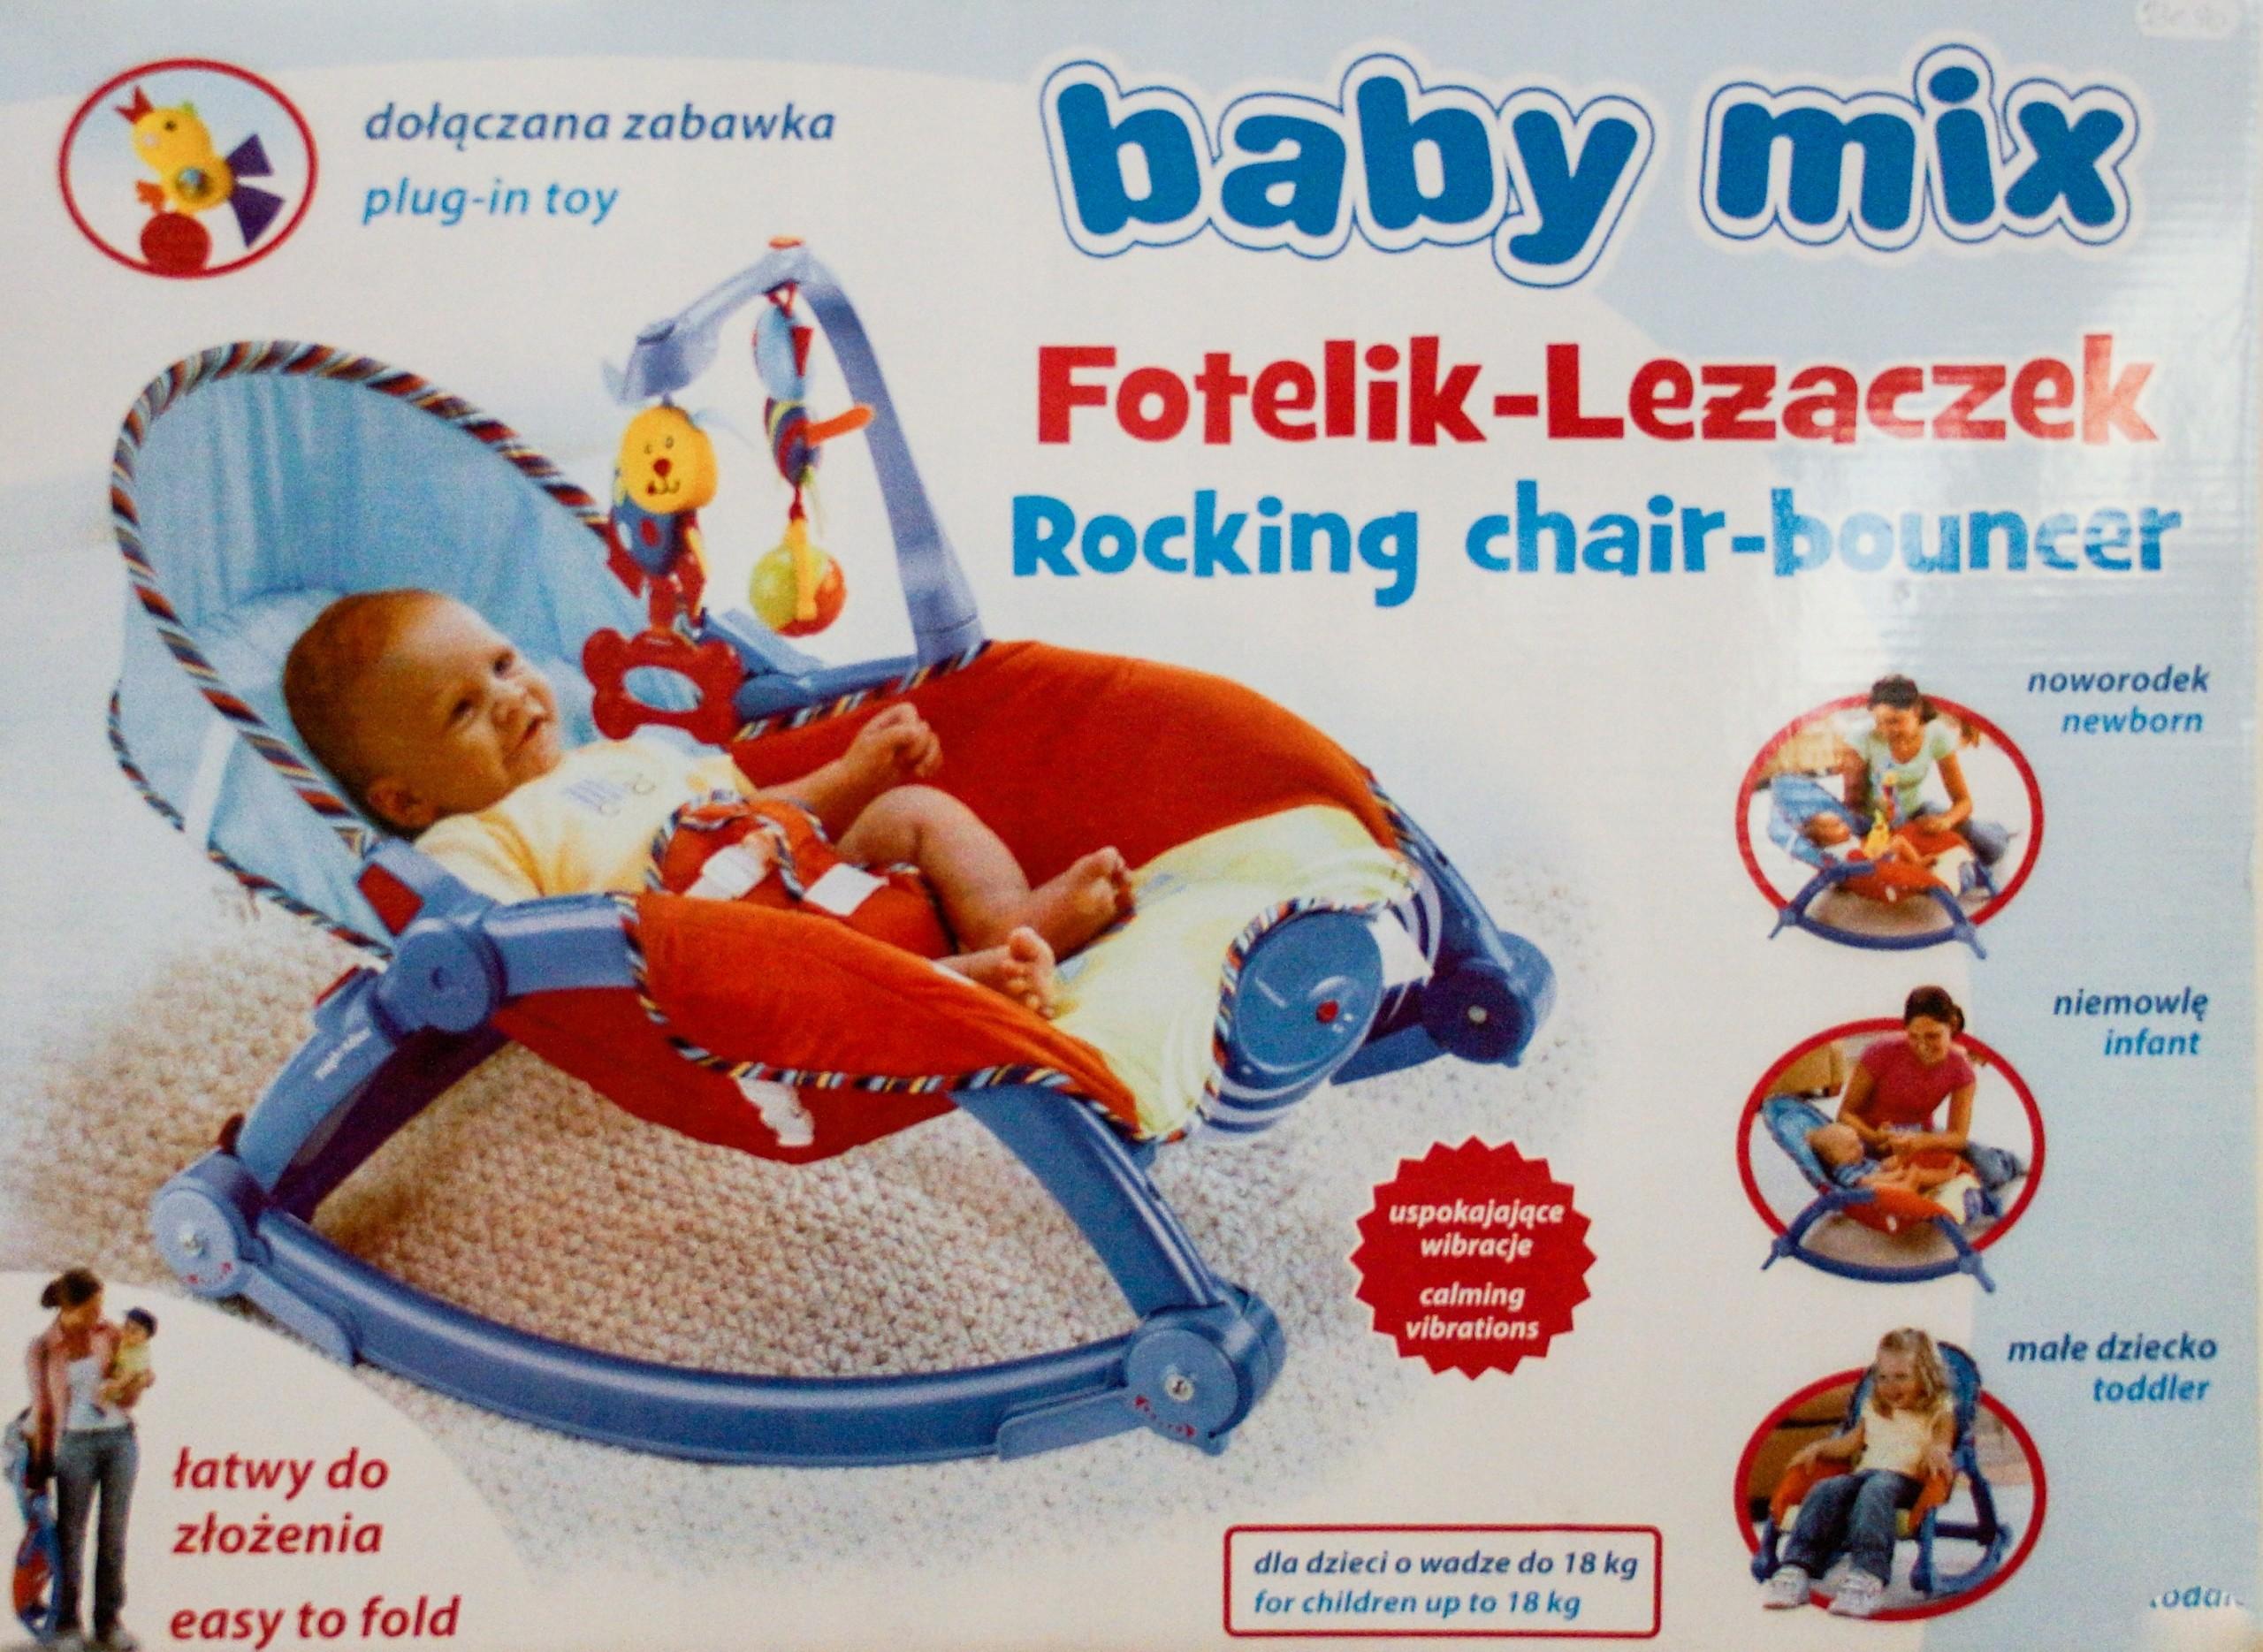 Baby Mix Fotelik-leżaczek-bujaczek 0-18kg. -